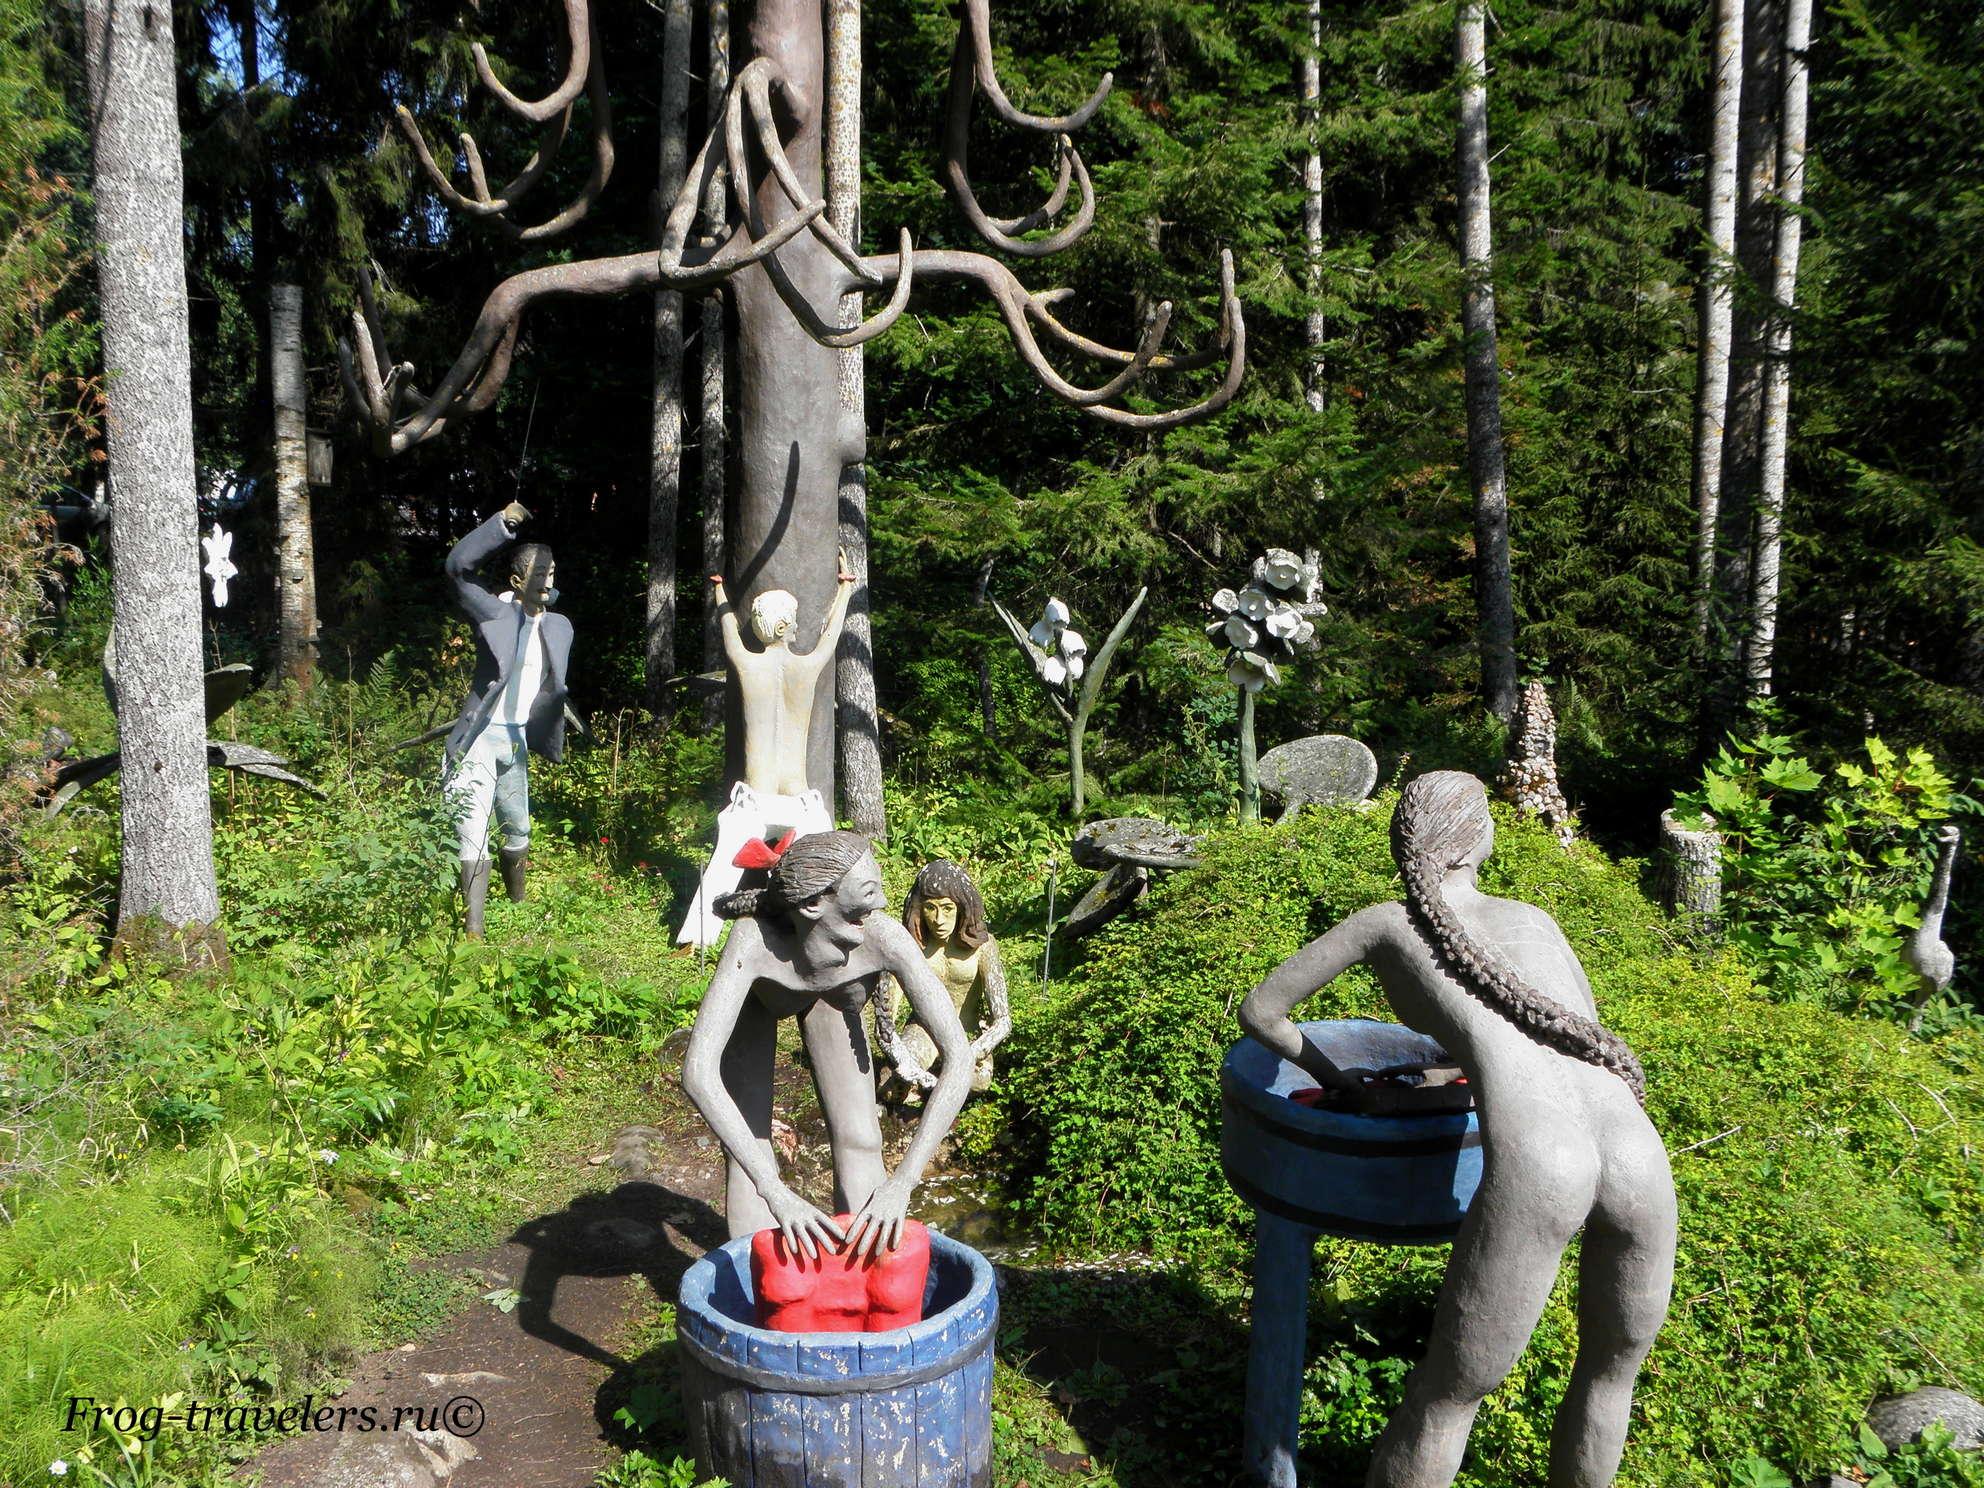 """Финляндия. Вейо Рёнкёнен. Парк скульптур """"Мистический лес"""". Фигуры возле Париккала"""